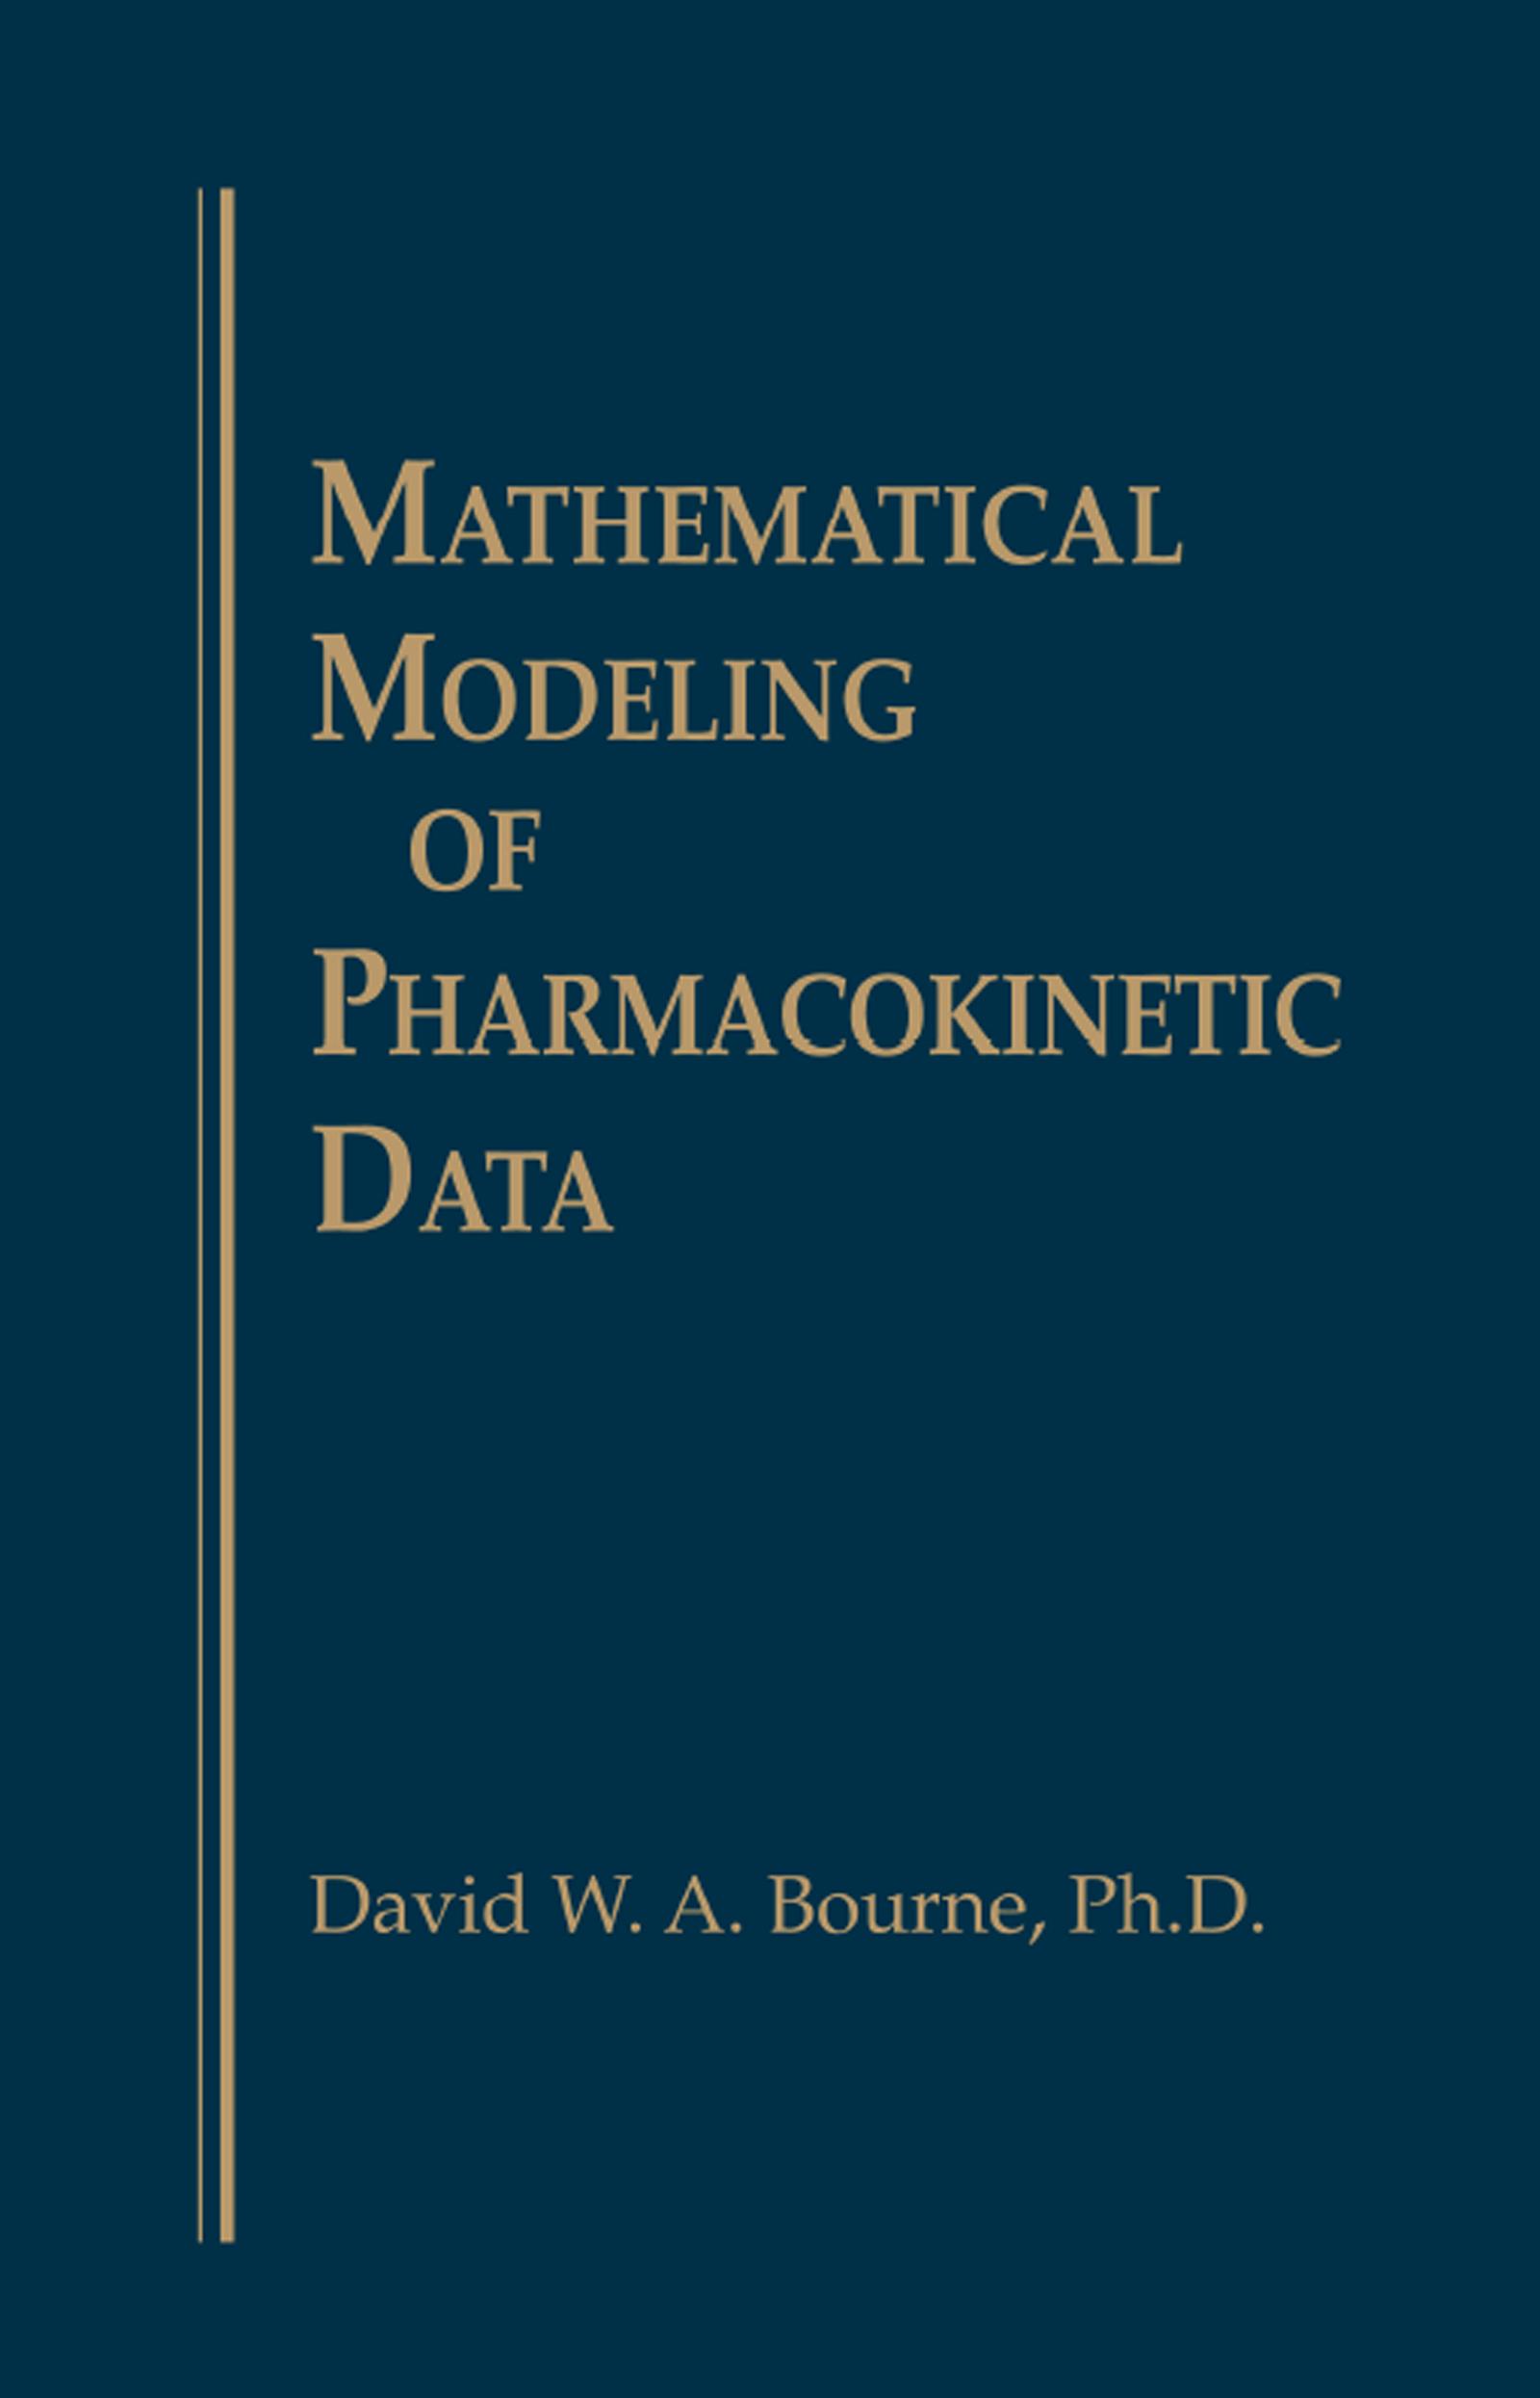 Mathematical Modeling of Pharmacokinetic Data